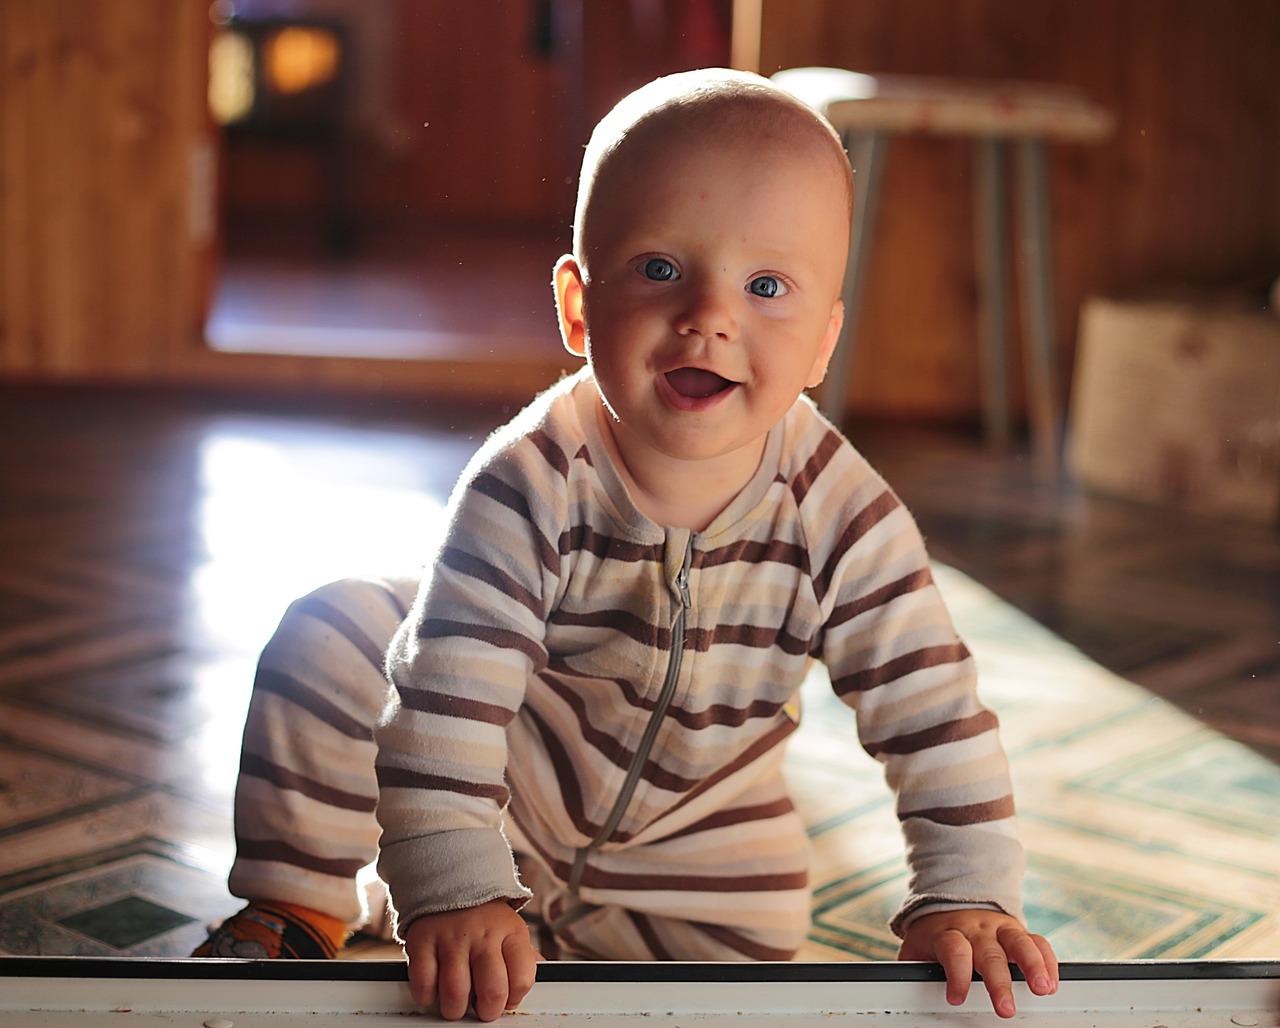 Cколько должно быть у детей молочных зубов?